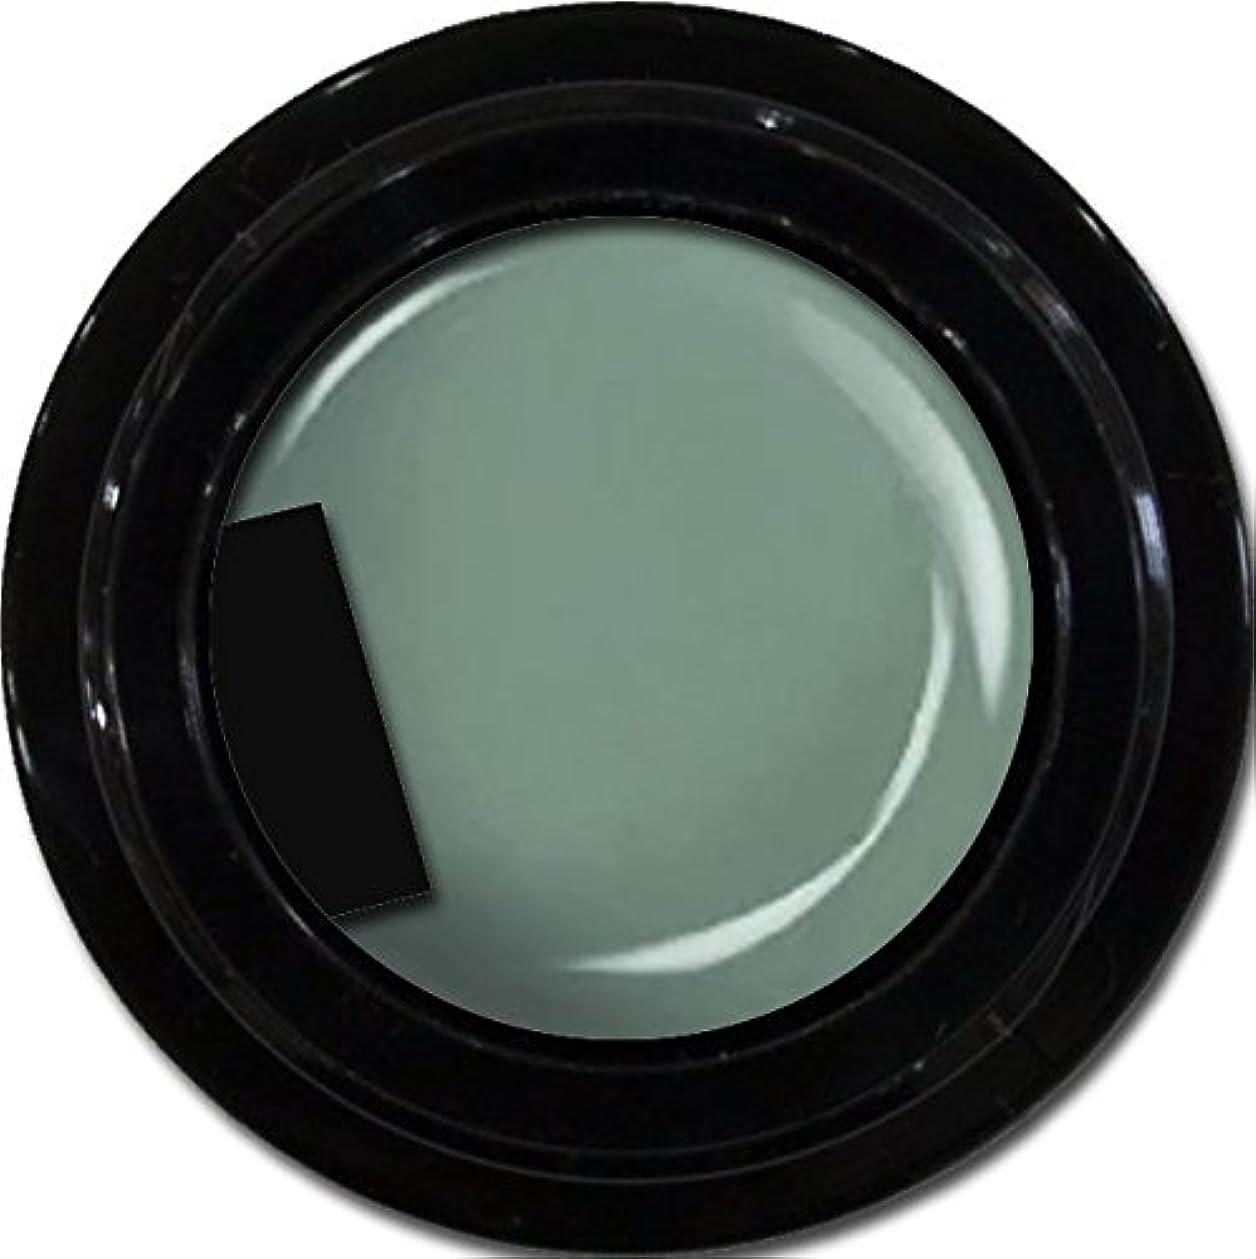 深いケニア会議カラージェル enchant color gel M716 Khaki 3g/ マットカラージェル M716 カーキー 3グラム